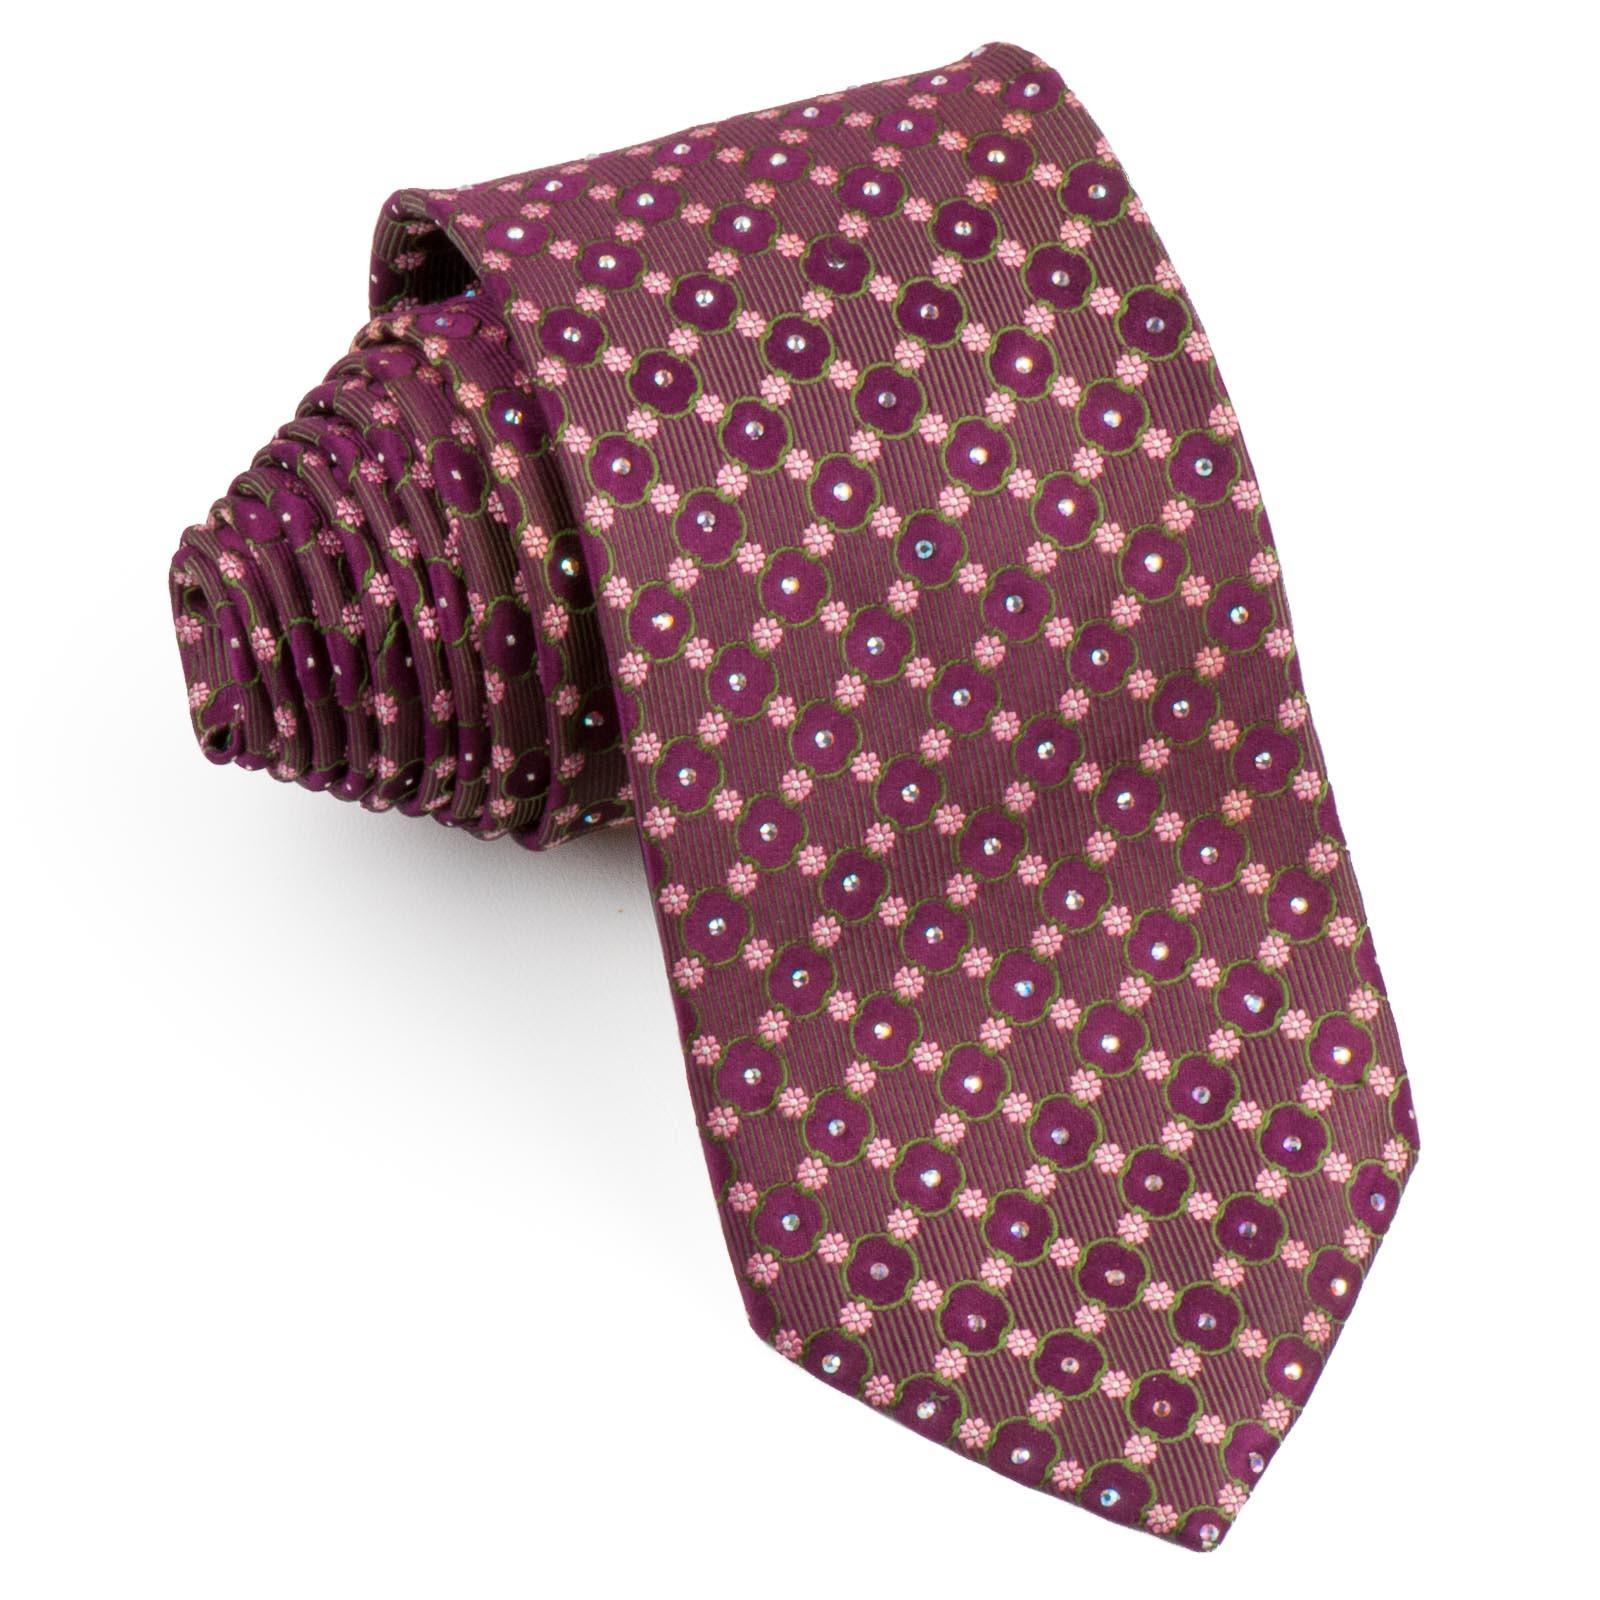 Foulard tie